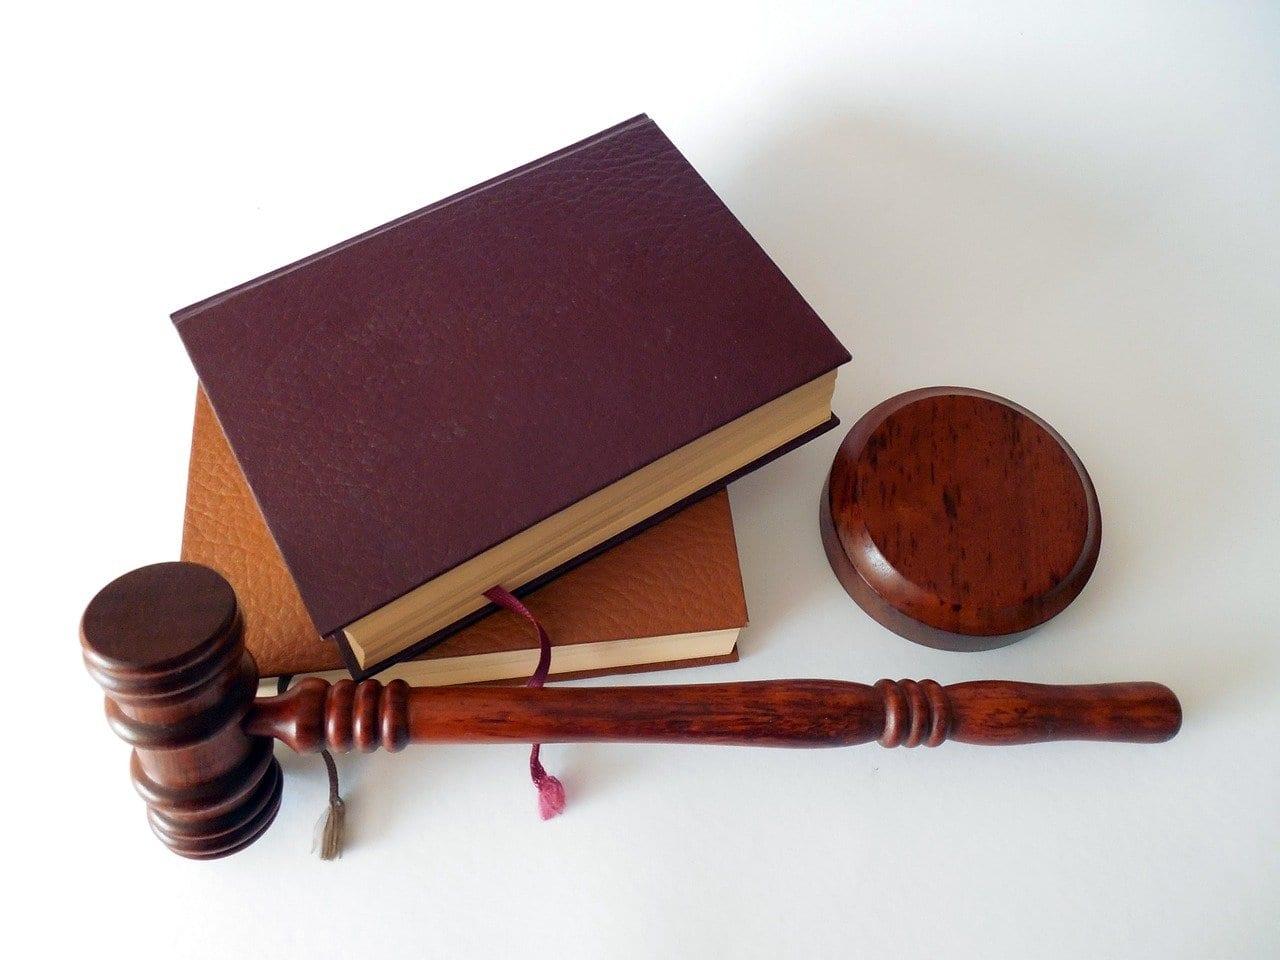 Στρατοδικεία: Ποιοι διορίζονται στρατιωτικοί δικαστές Δ' Αναδρομικά αποστράτων - Δημοσίου: Γνωμοδότηση ΒΟΜΒΑ από το Ελεγκτικό Συνέδριο για την Τροπολογία Βρούτση που κατατέθηκε στην Βουλή